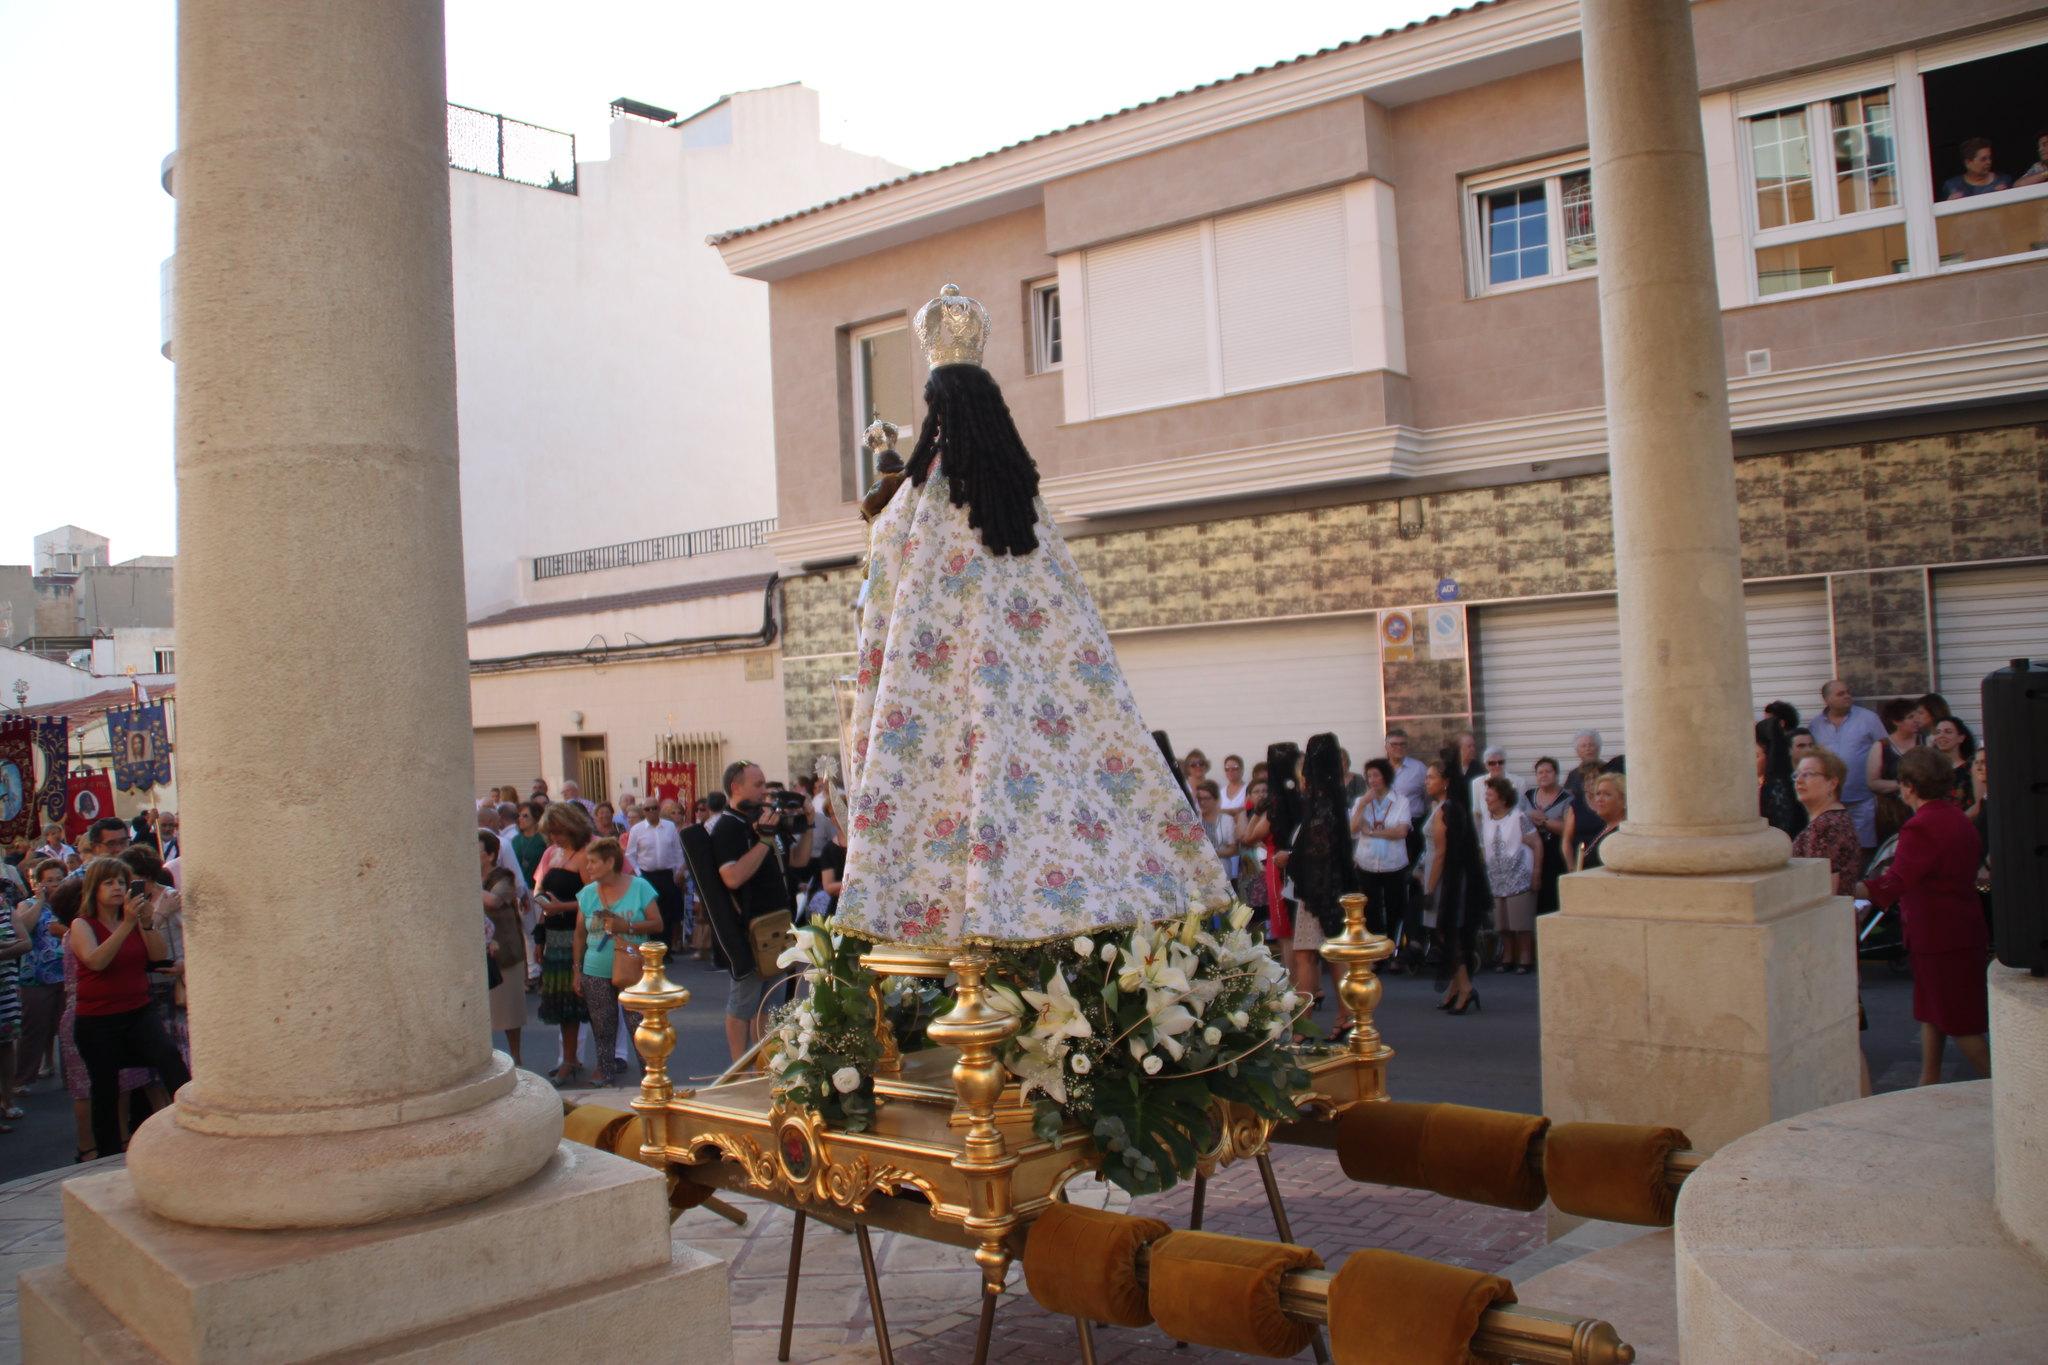 (2015-07-12) - Virgen del Carmen, parroquia La Santa Cruz - Javier Romero Ripoll (44)